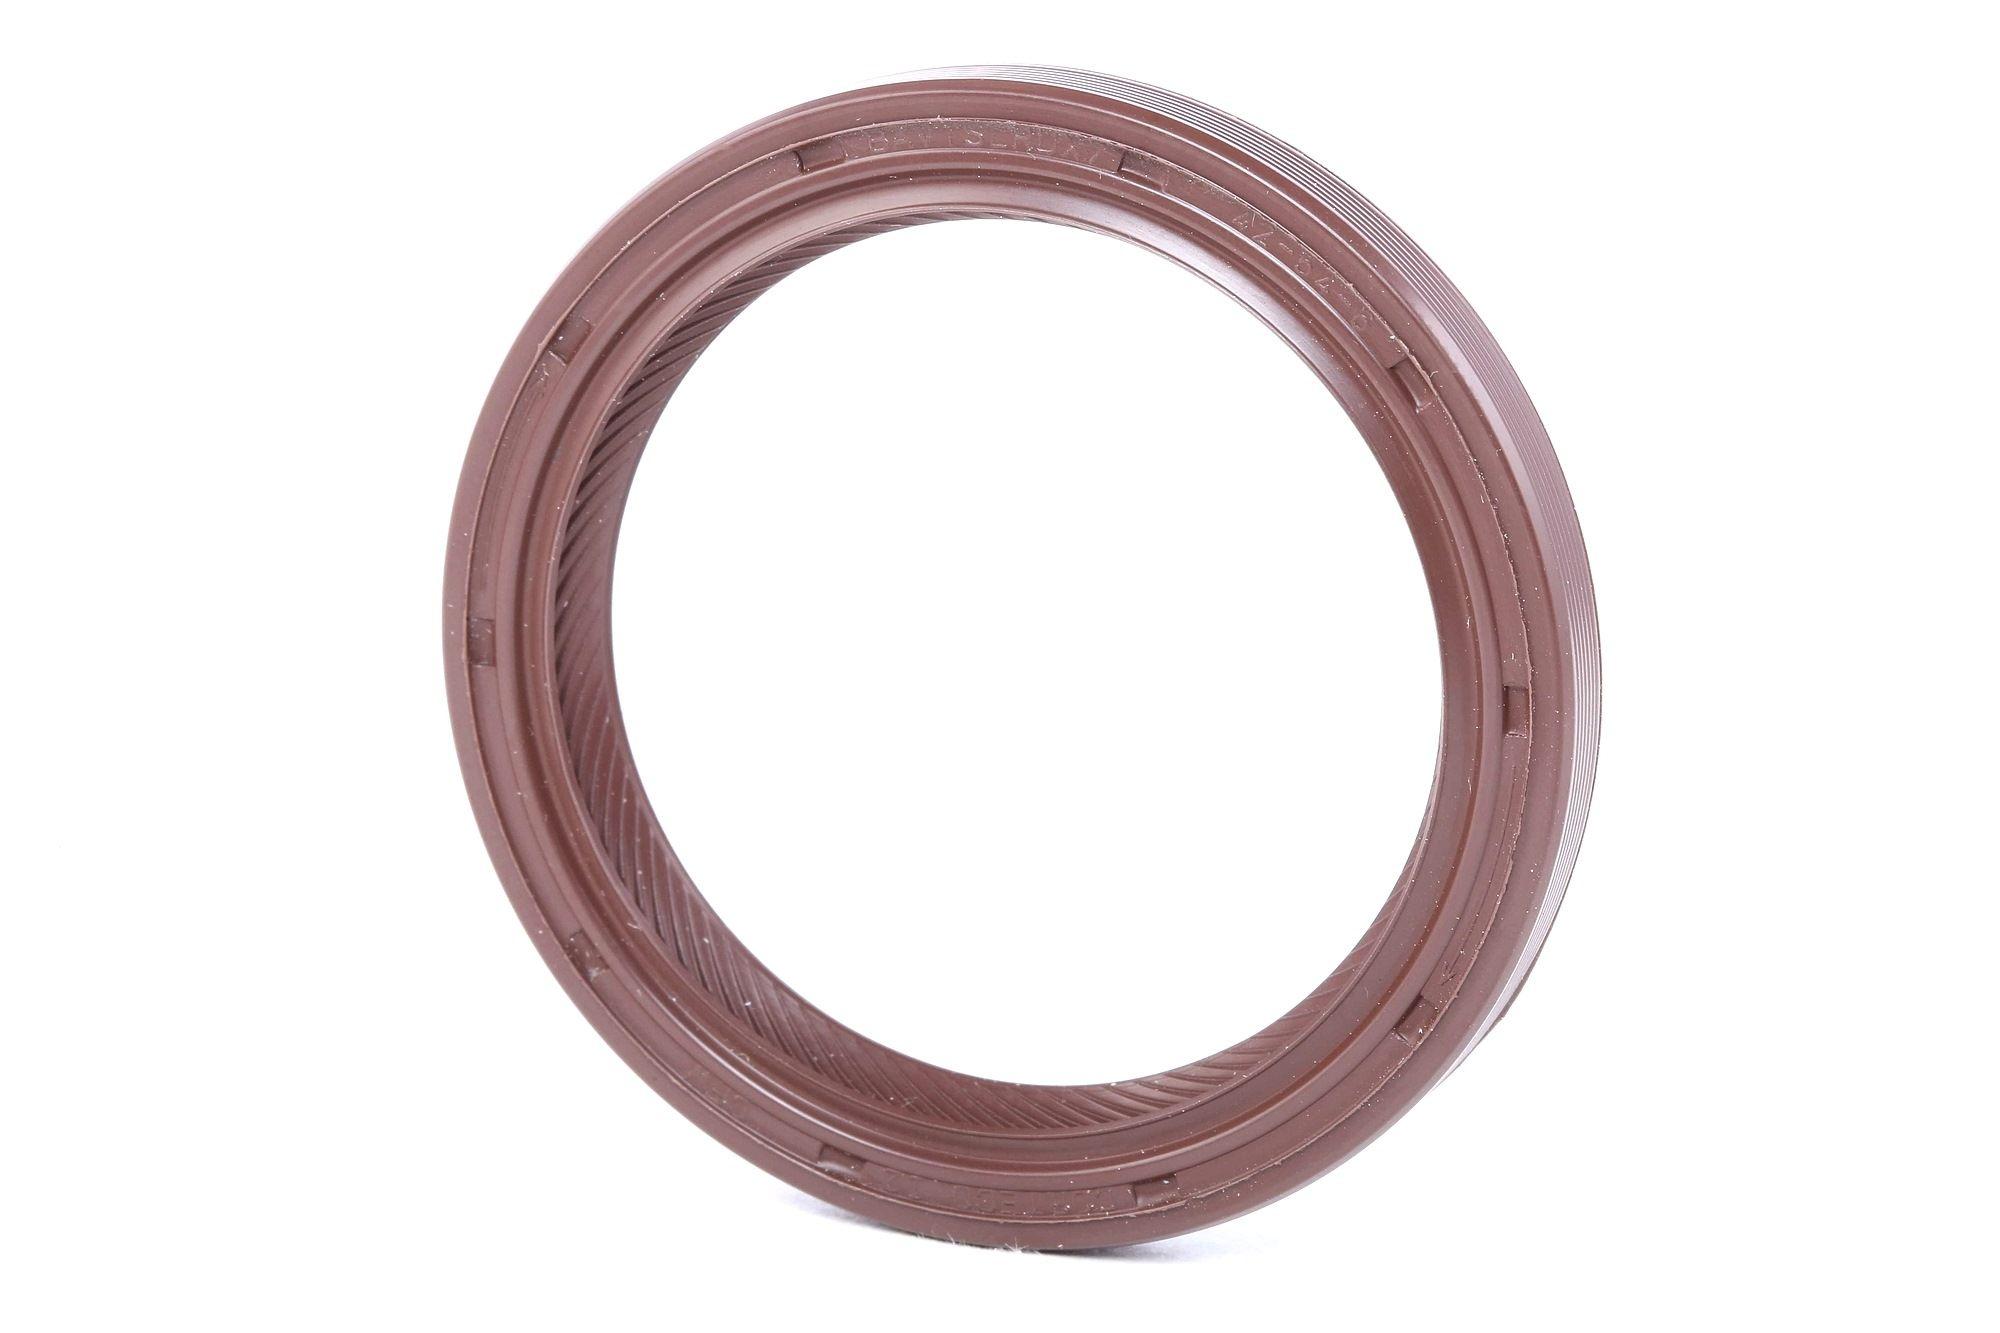 Prstence těsnění 12018755B s vynikajícím poměrem mezi cenou a CORTECO kvalitou